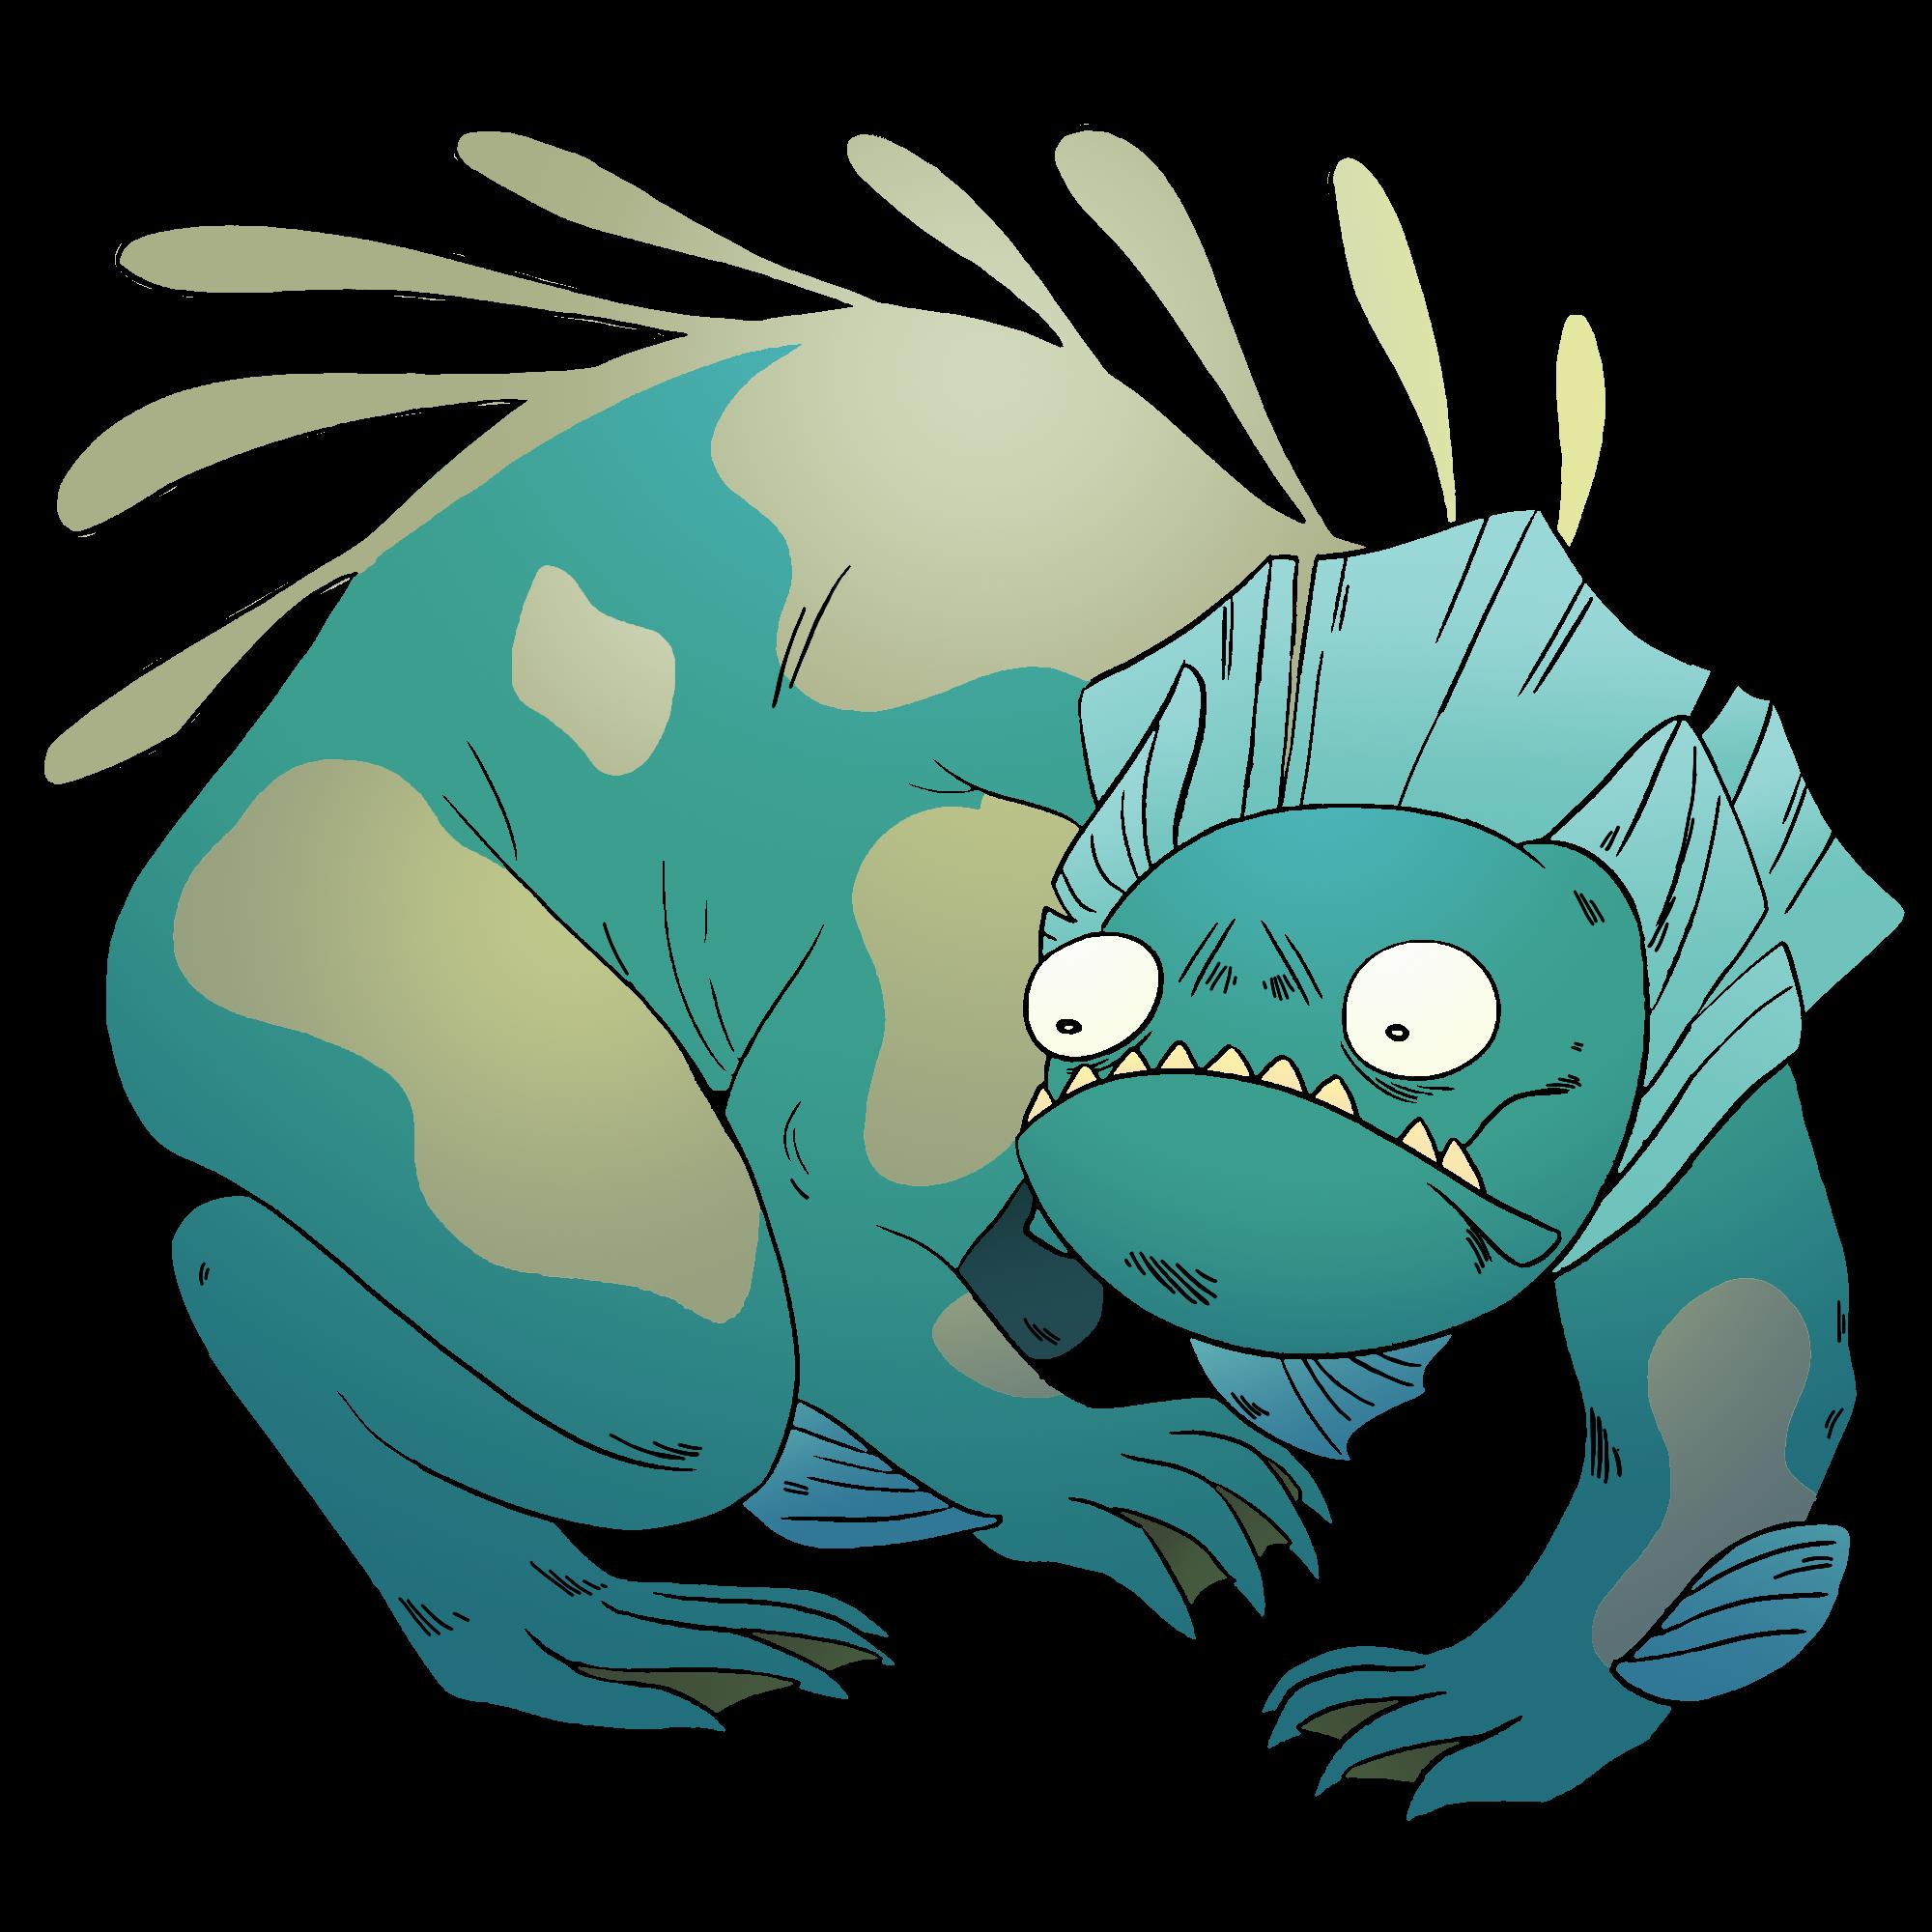 Manatee clipart baby manatee. Monster lizard gem steven